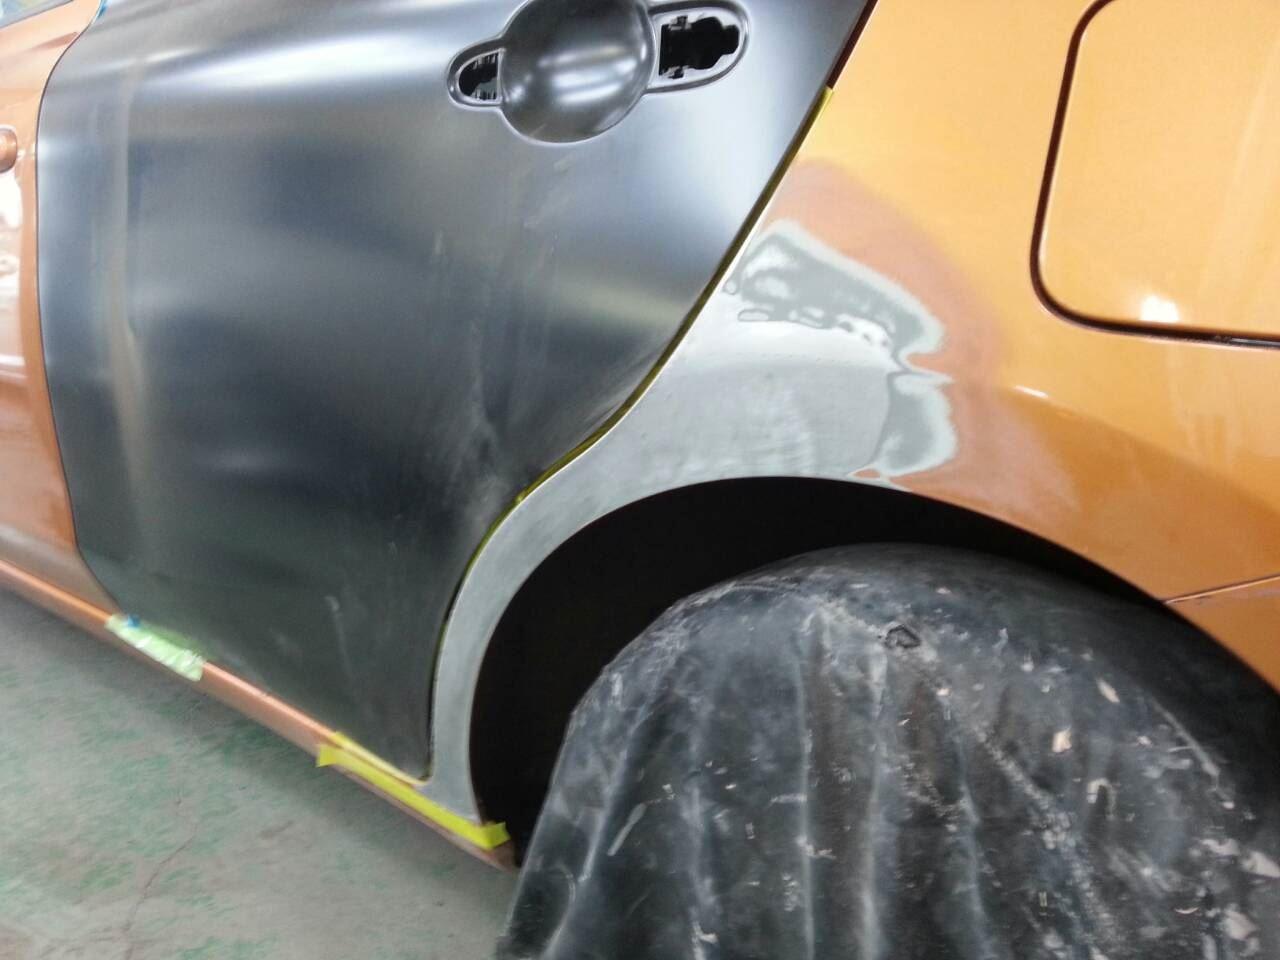 東京都立川市の車の板金塗装修理工場 ガレージローライドの日産 マーチの左側面のキズ へこみ の板金 修理 塗装 です。